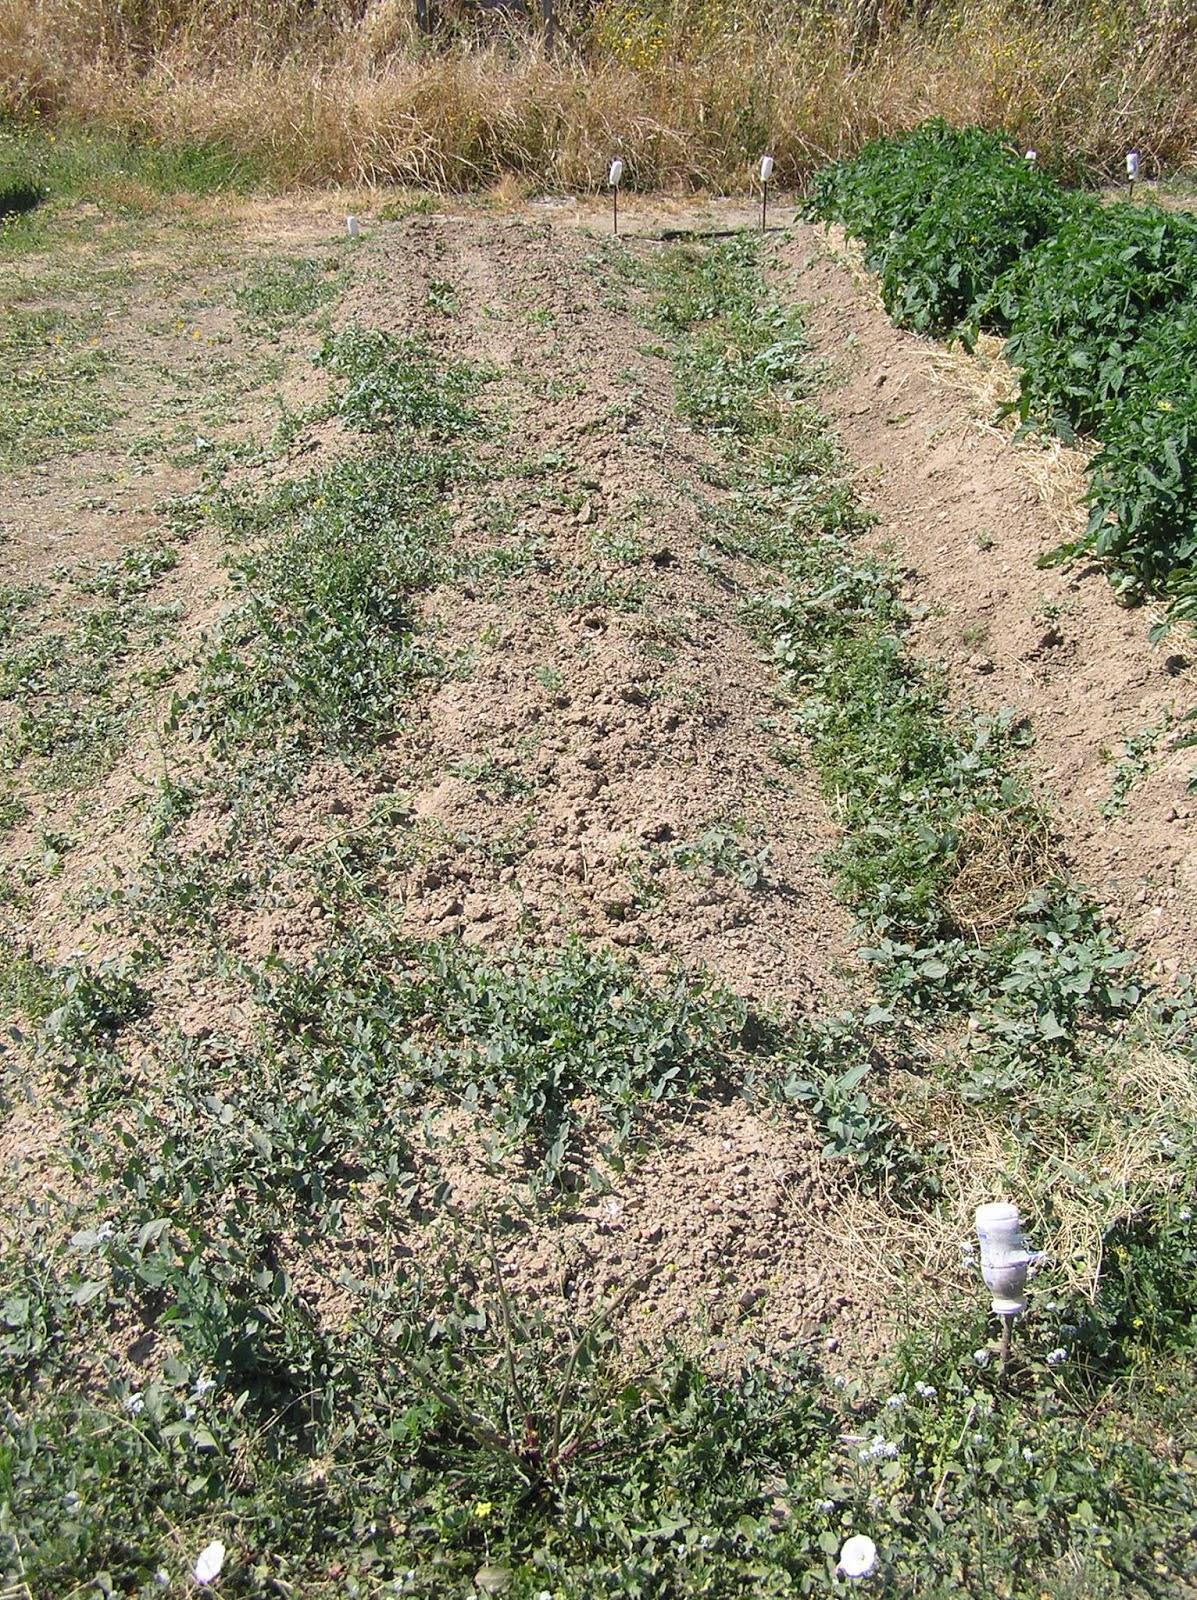 El huerto es facil cultivo de jud as verdes - Cultivar judias verdes ...